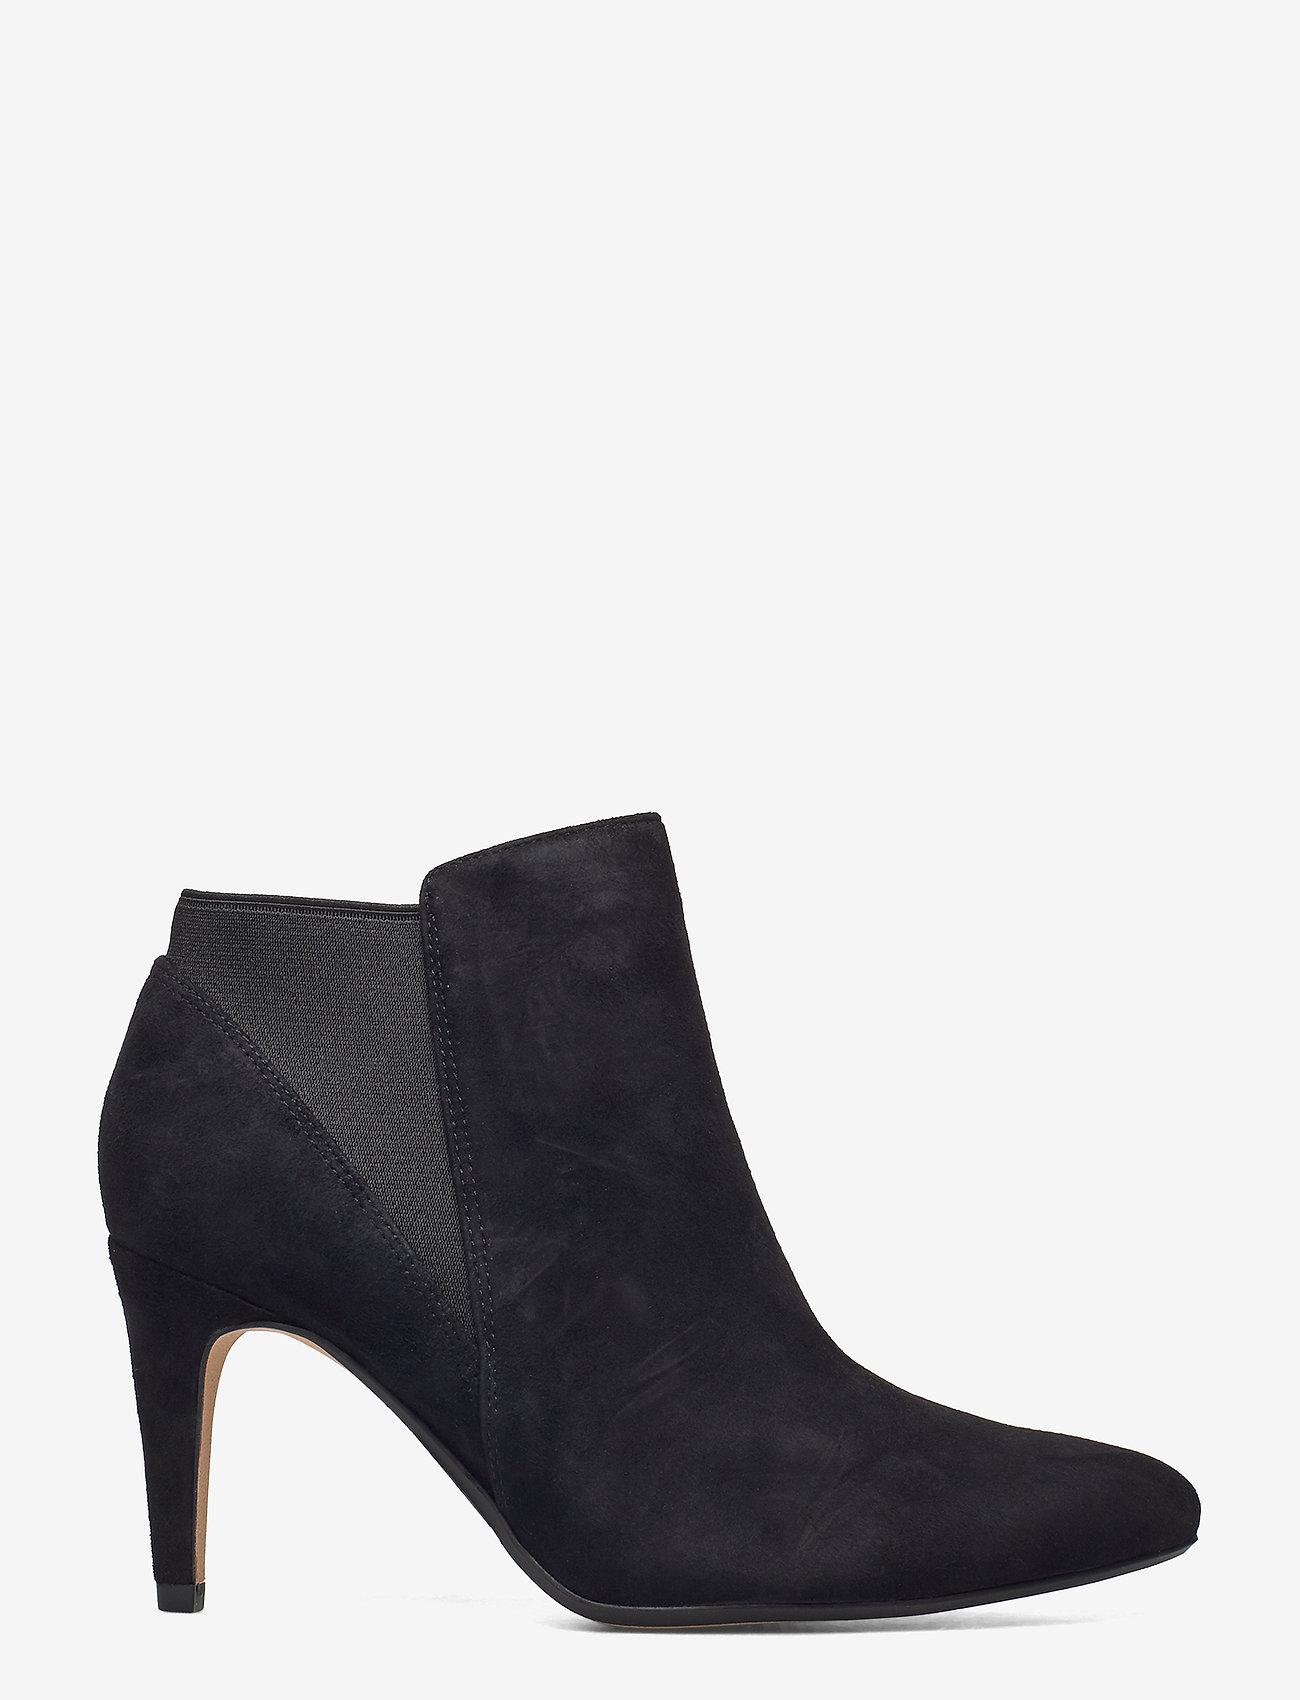 Clarks - Laina Violet - ankelstøvletter med hæl - black sde - 1